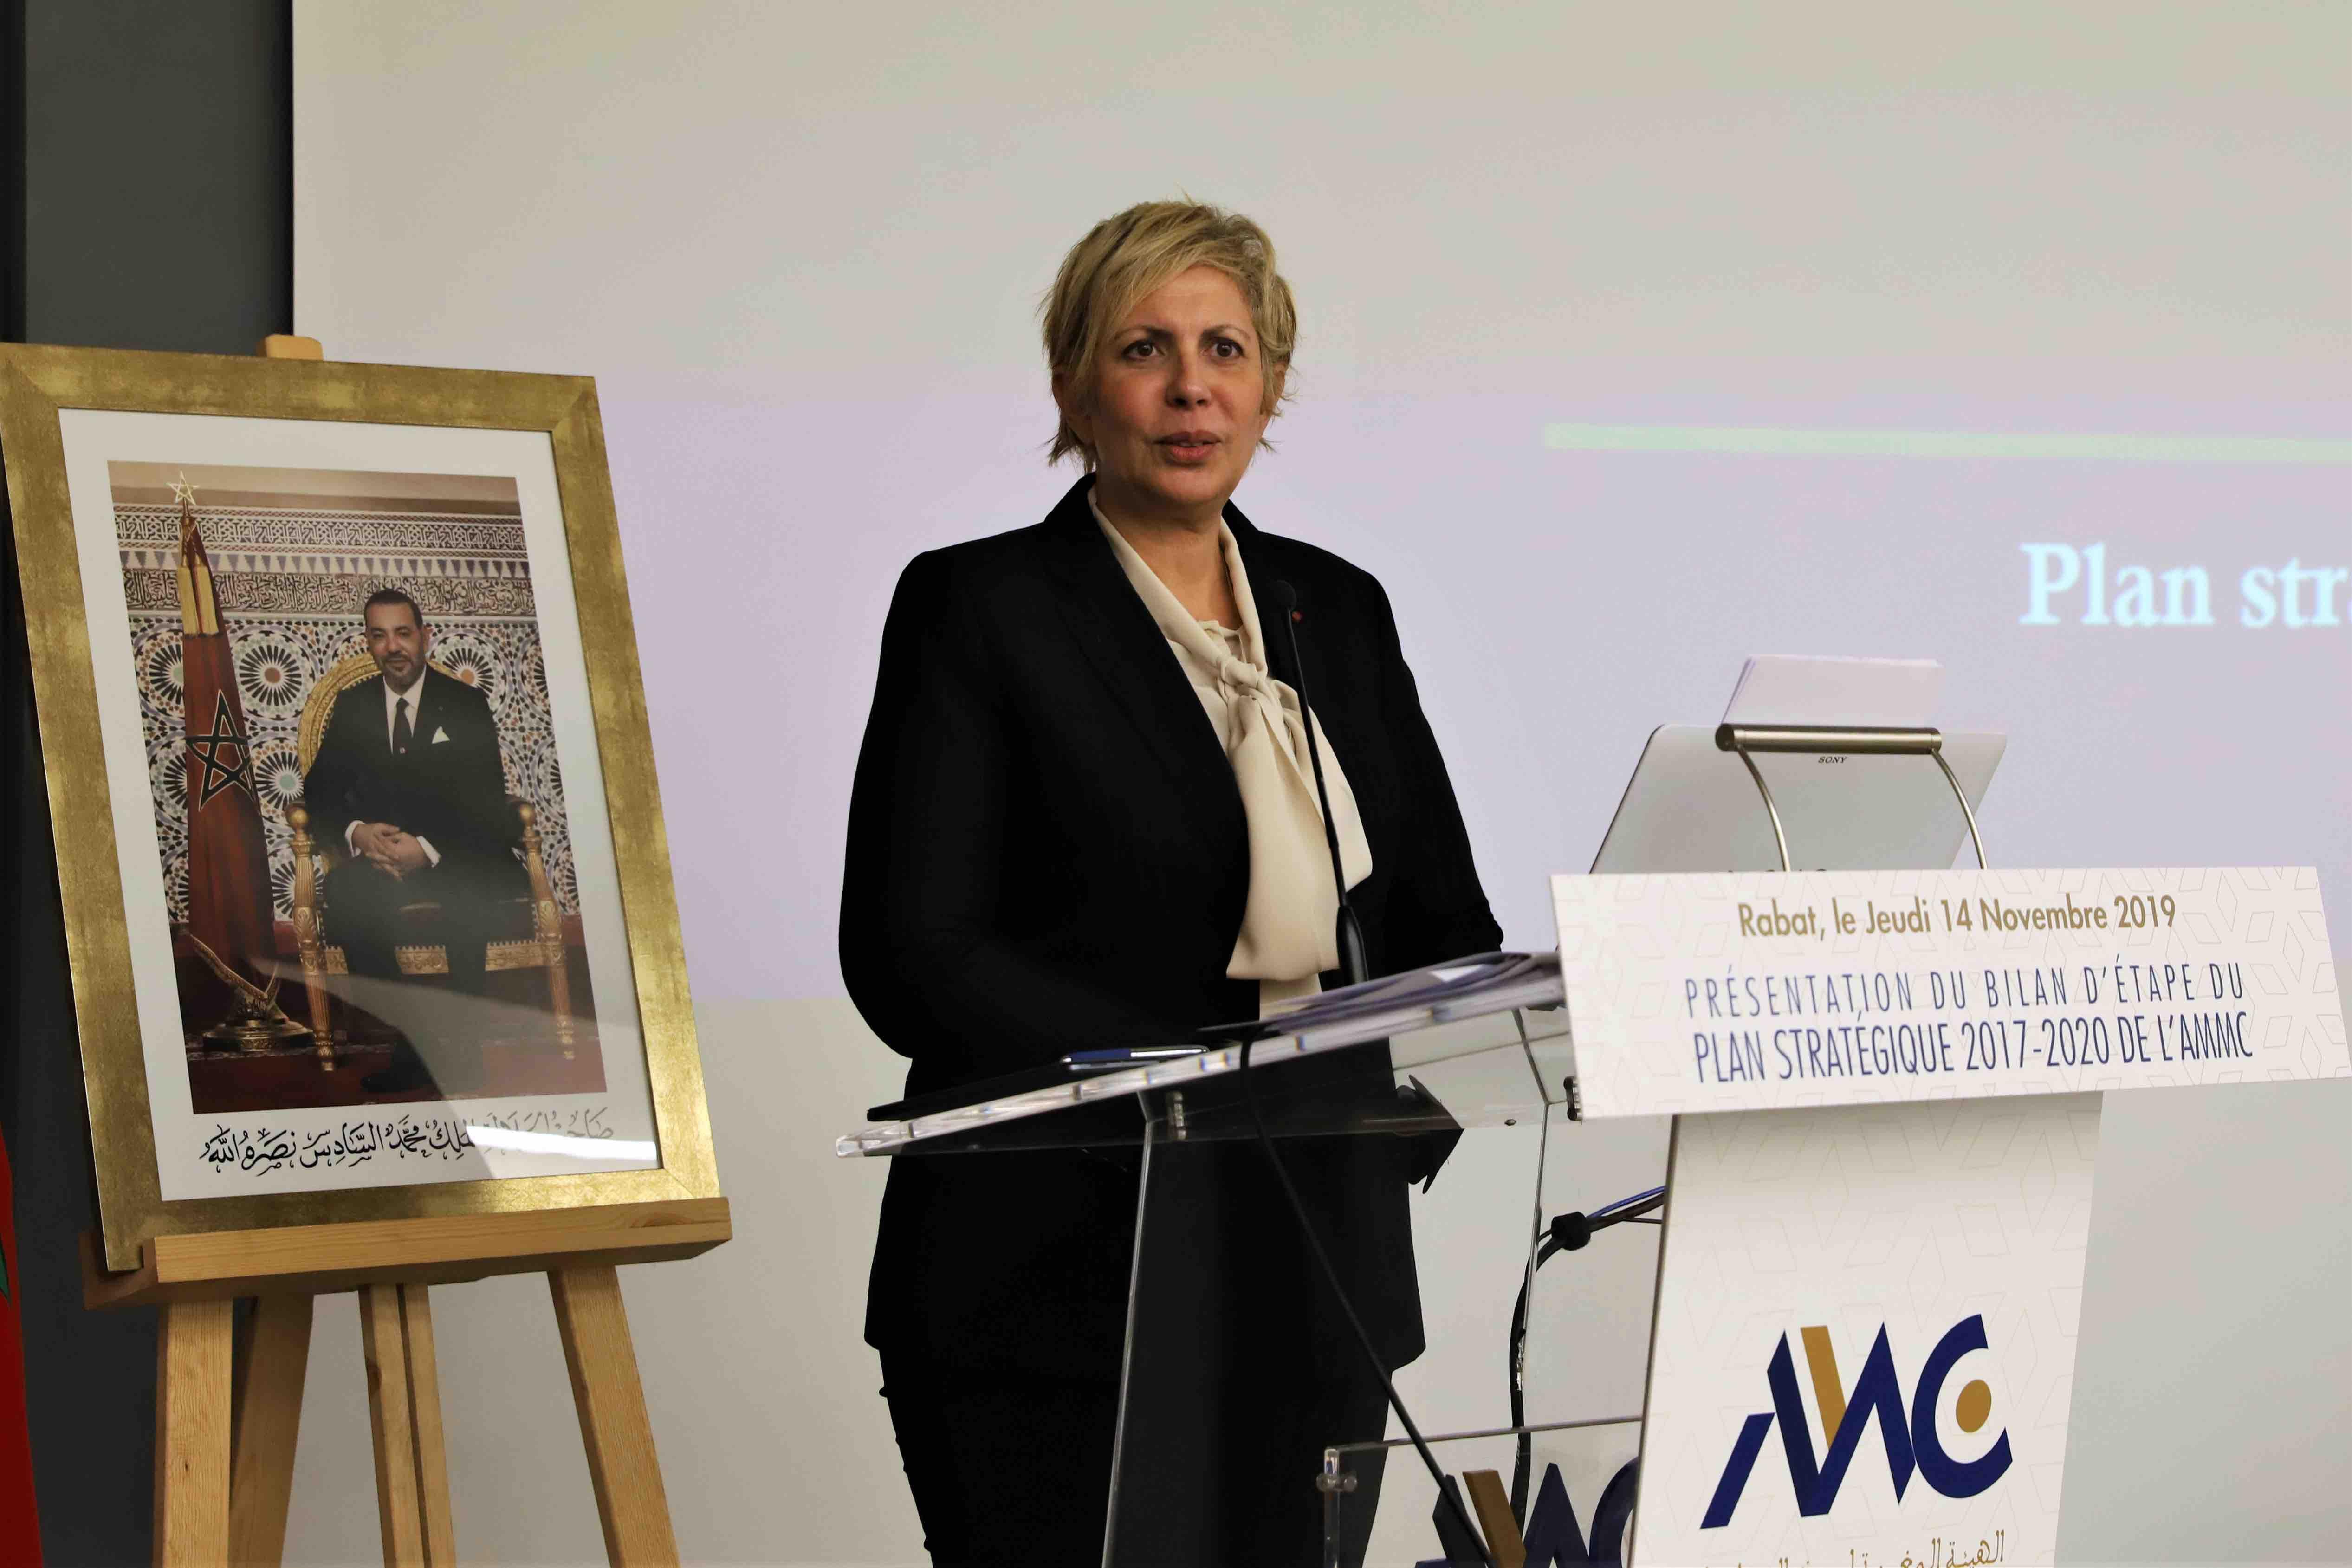 L'AMMC dévoile le bilan d'étape de son plan stratégique 2017-2020